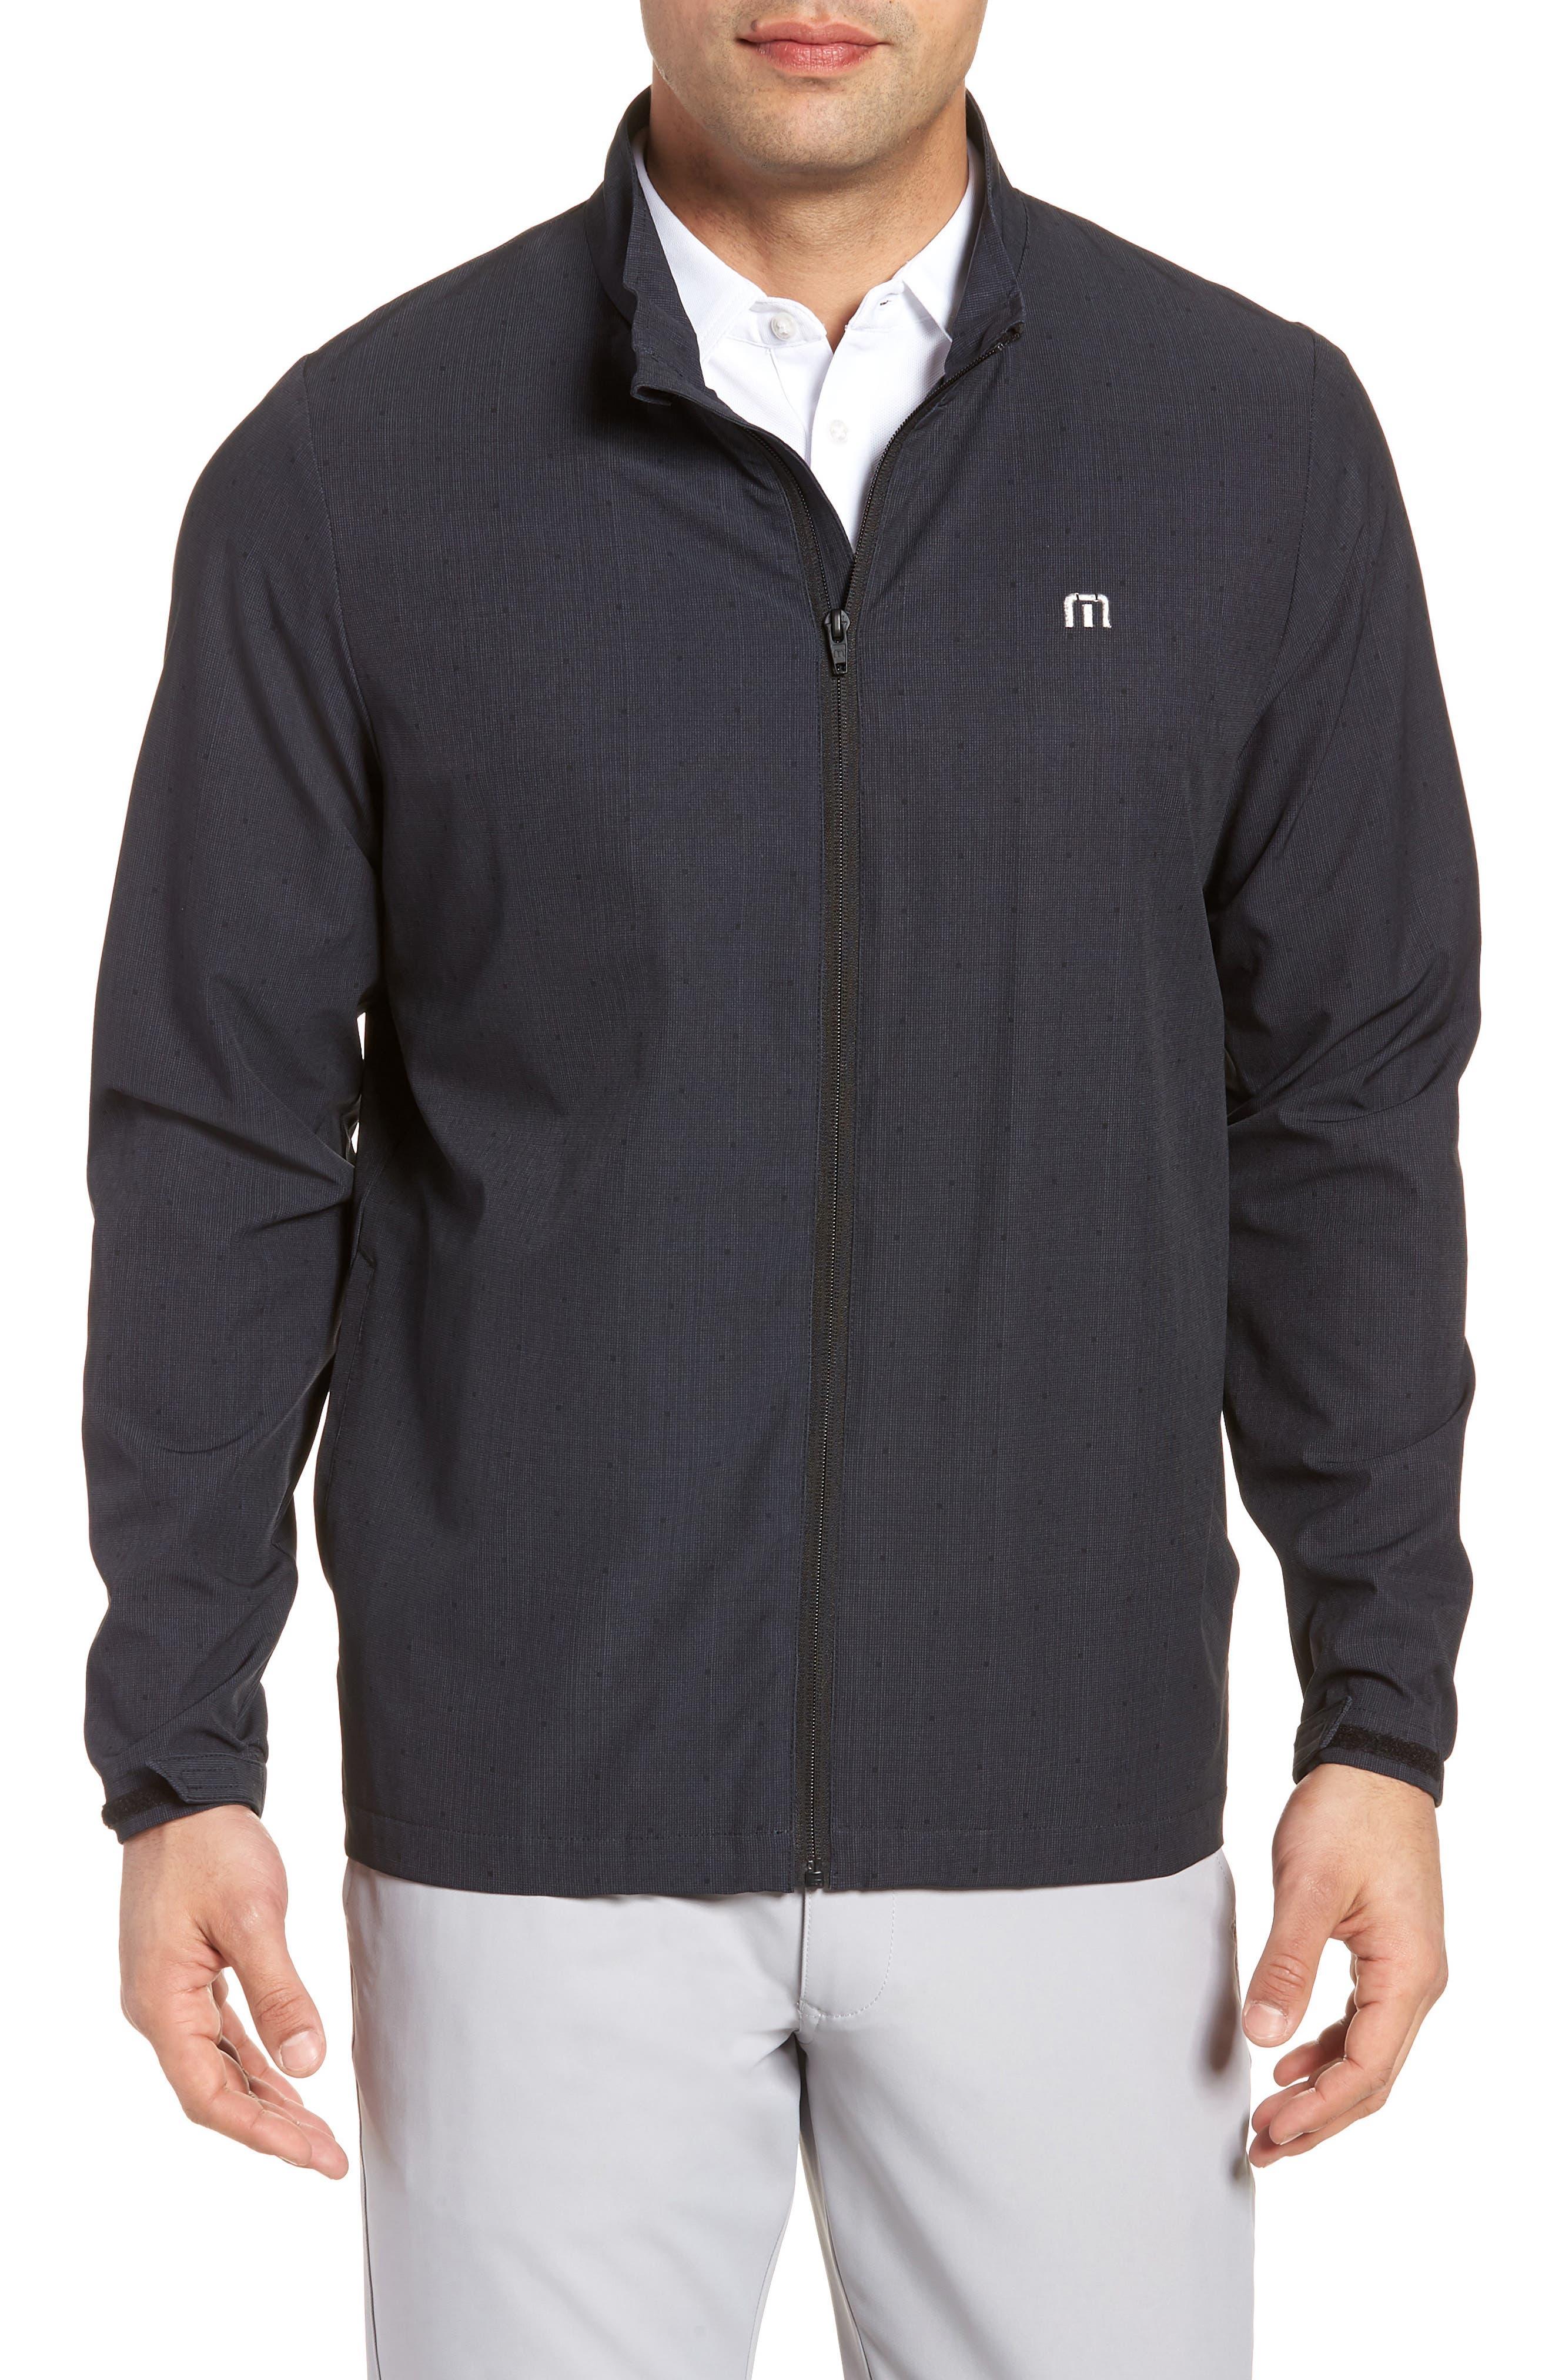 Agave Jacket,                             Main thumbnail 1, color,                             BLACK